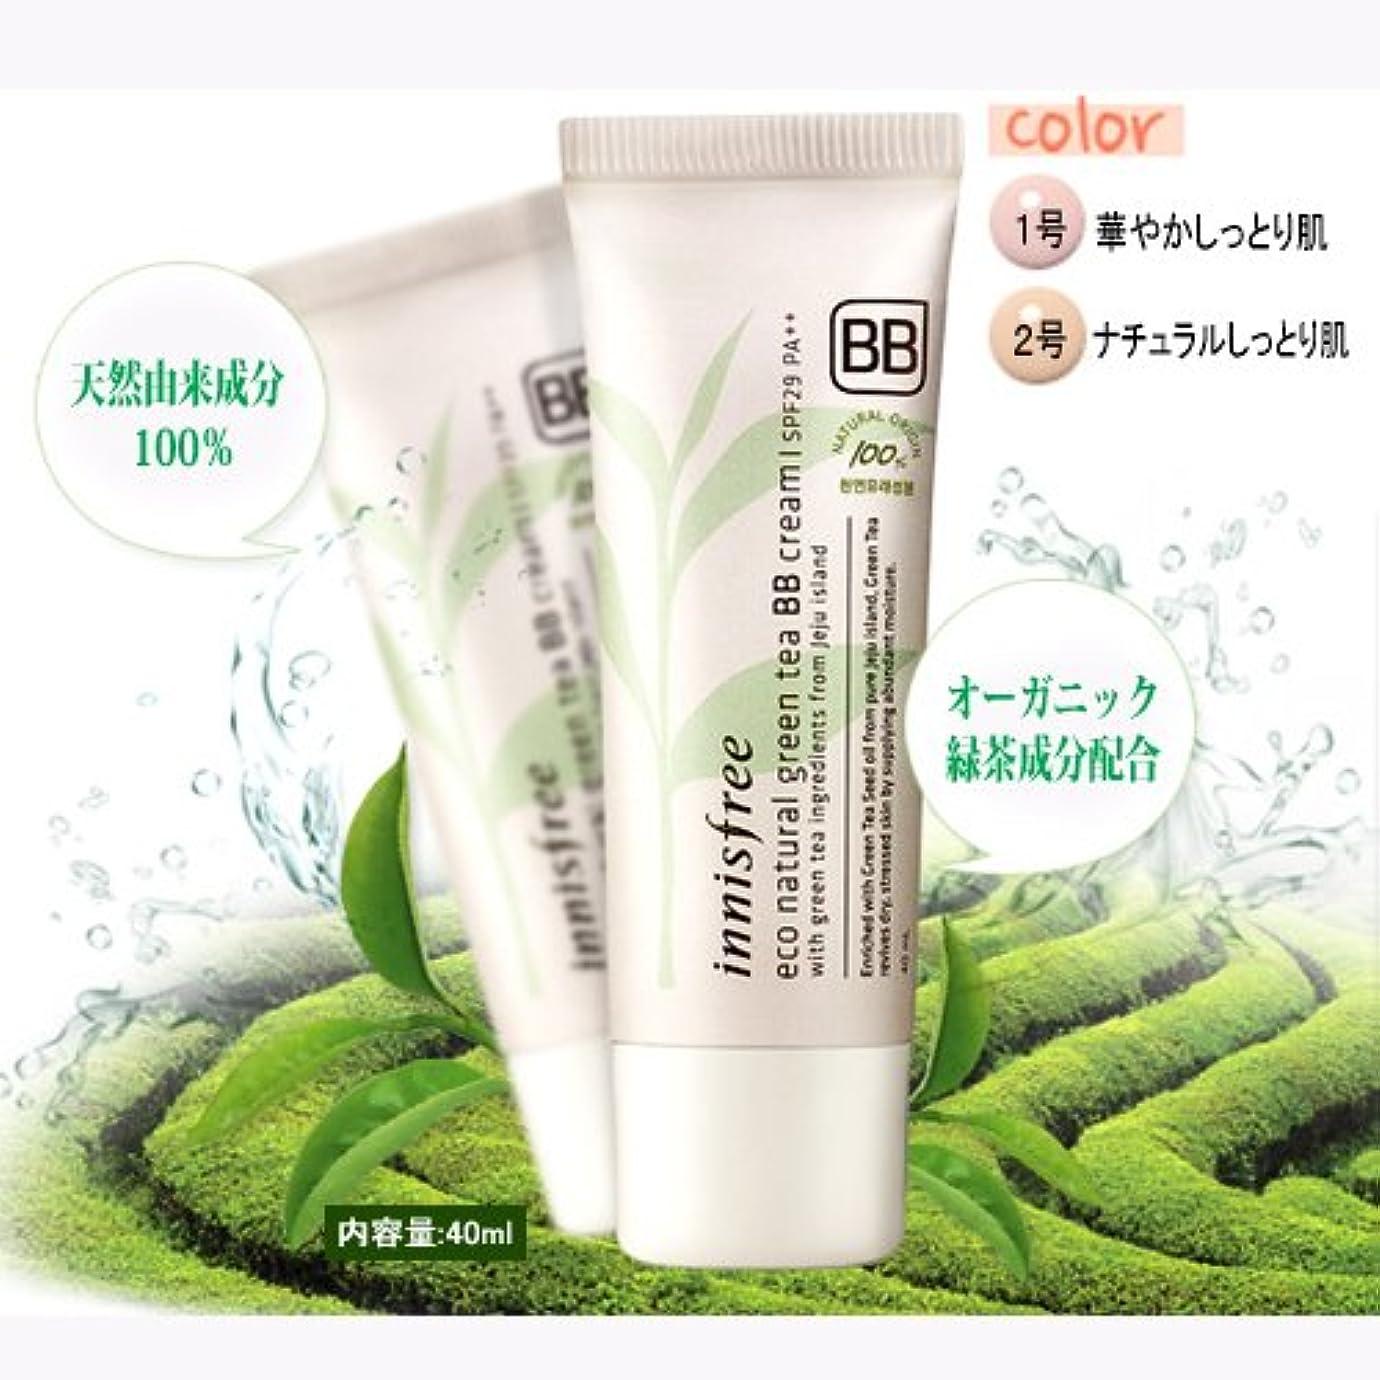 表面的なストレージ飢饉innisfree/イニスフリー Eco Natural Green Tea BB Cream #02/エコナチュラルグリーンティーBBクリームナチュラルなしっとりお肌 SPF29PA++40ml